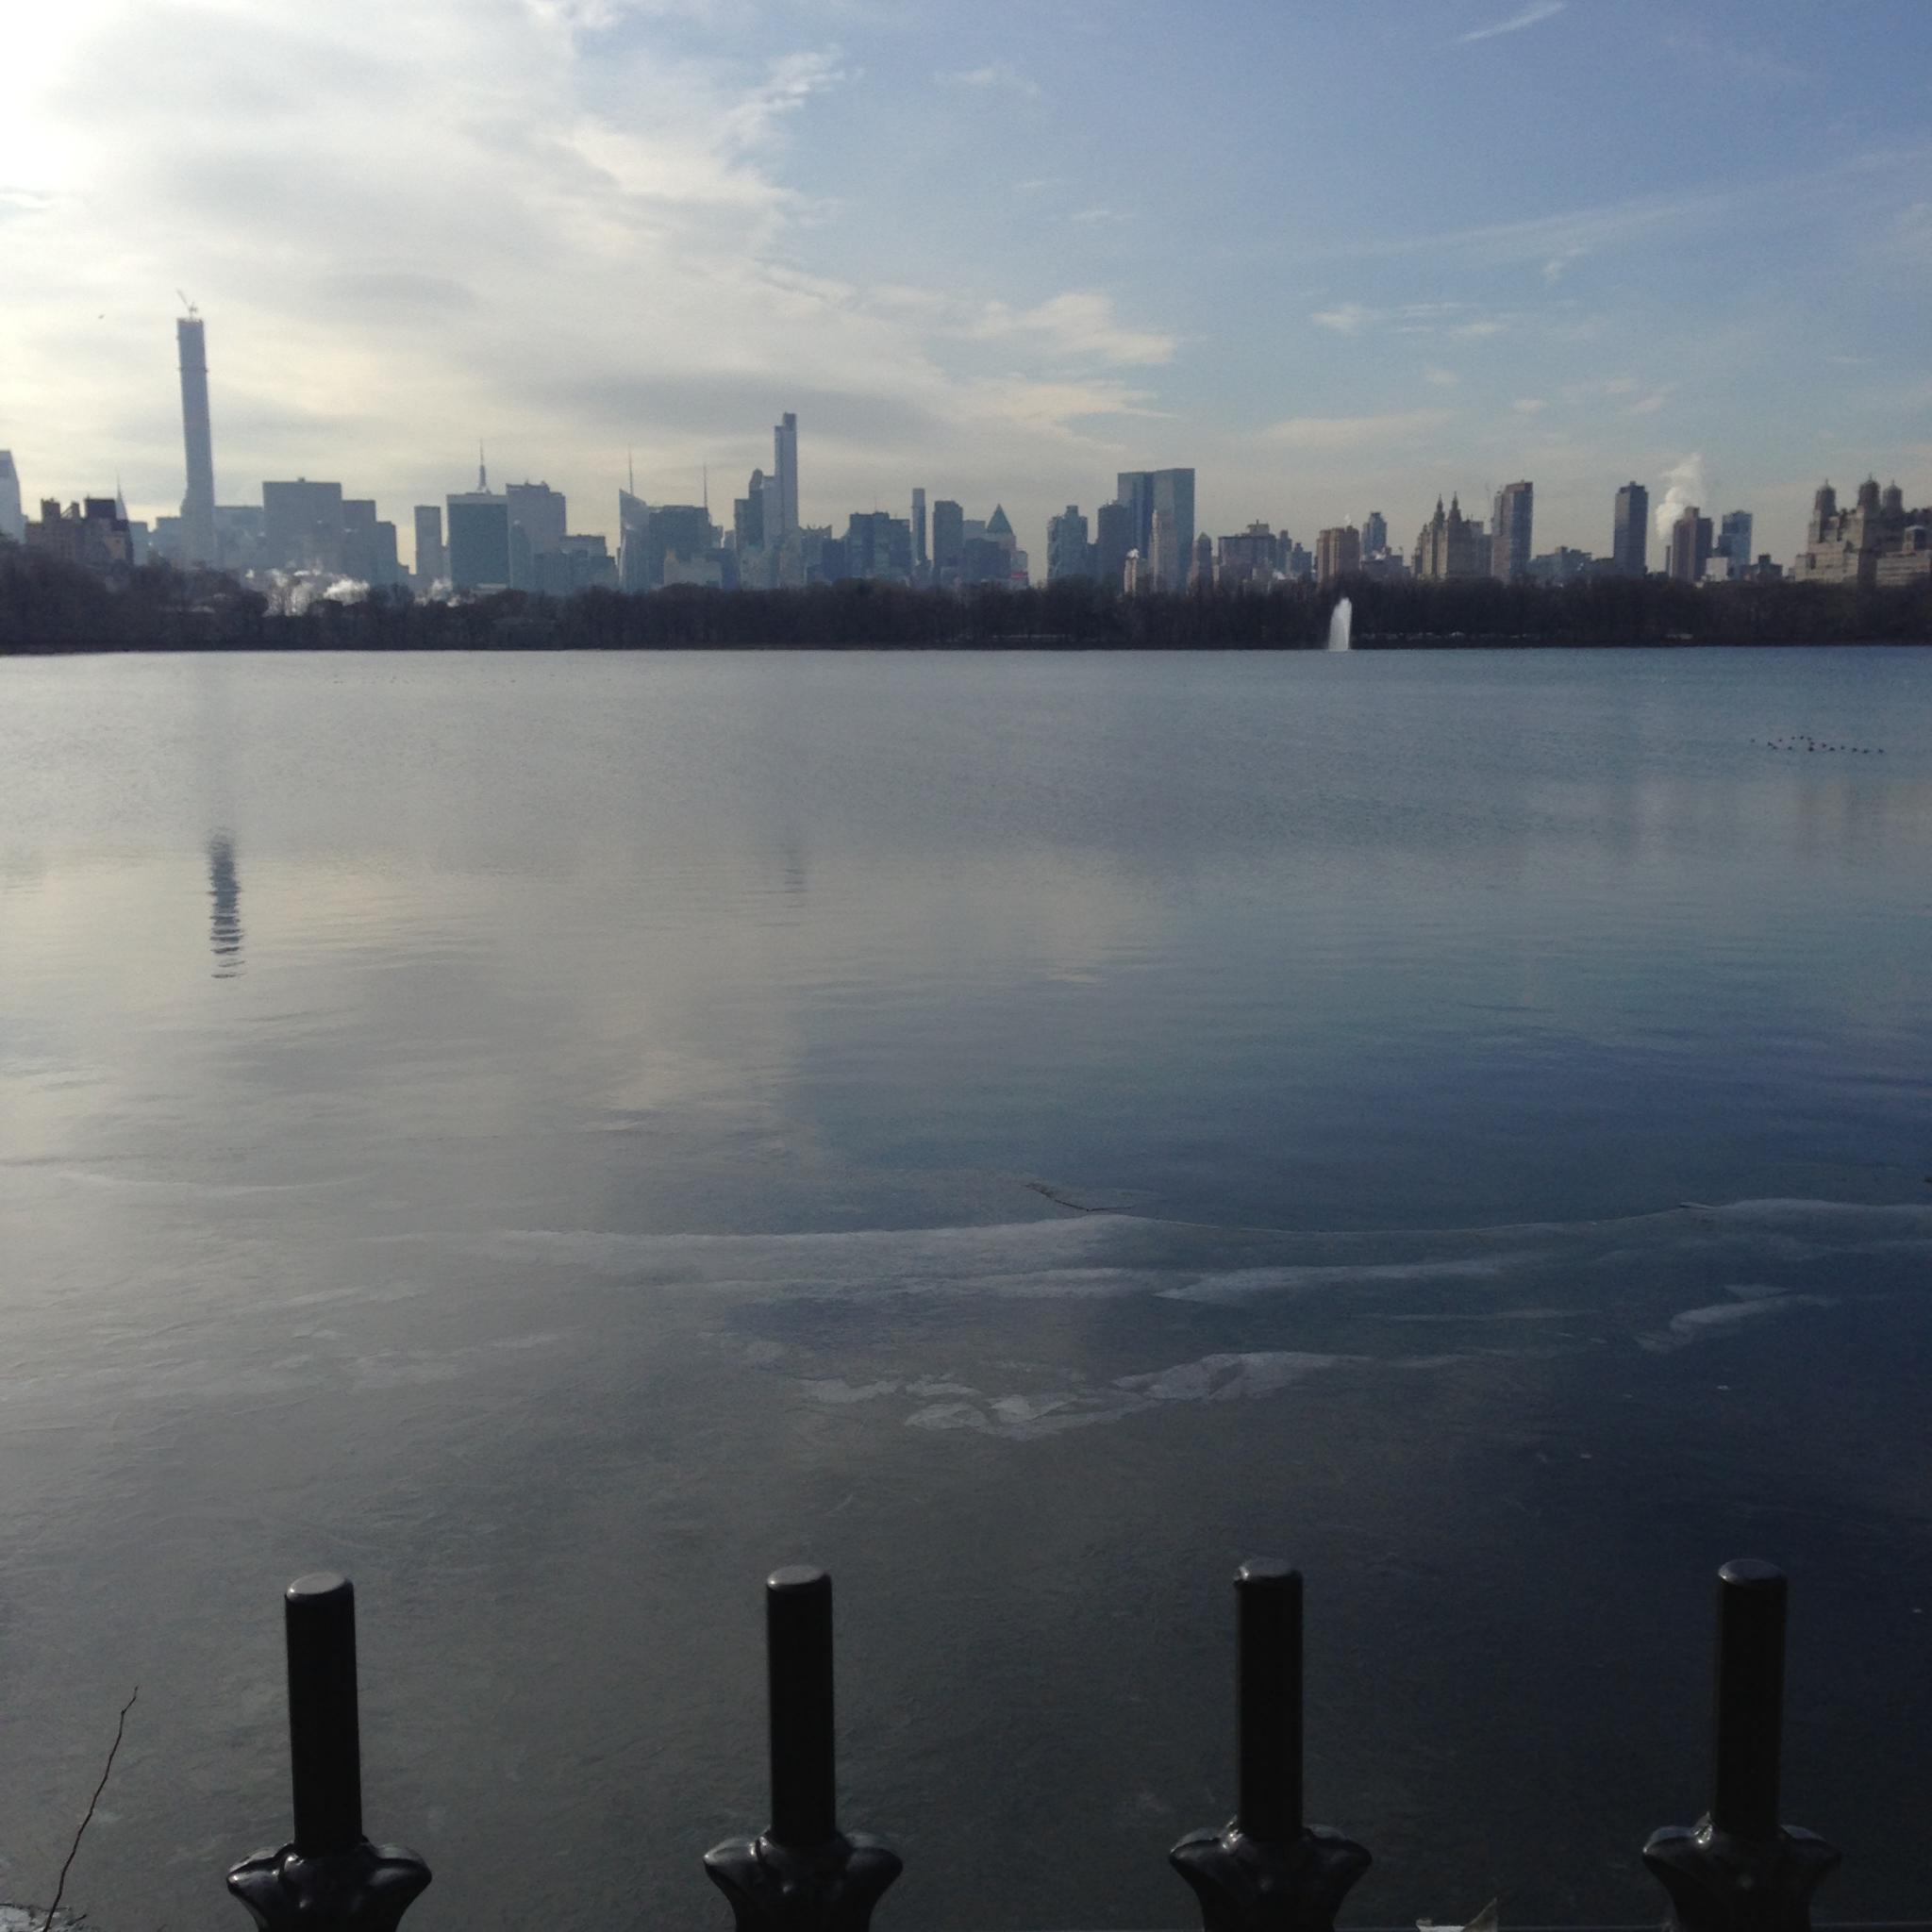 New York, NY - January 15, 2015